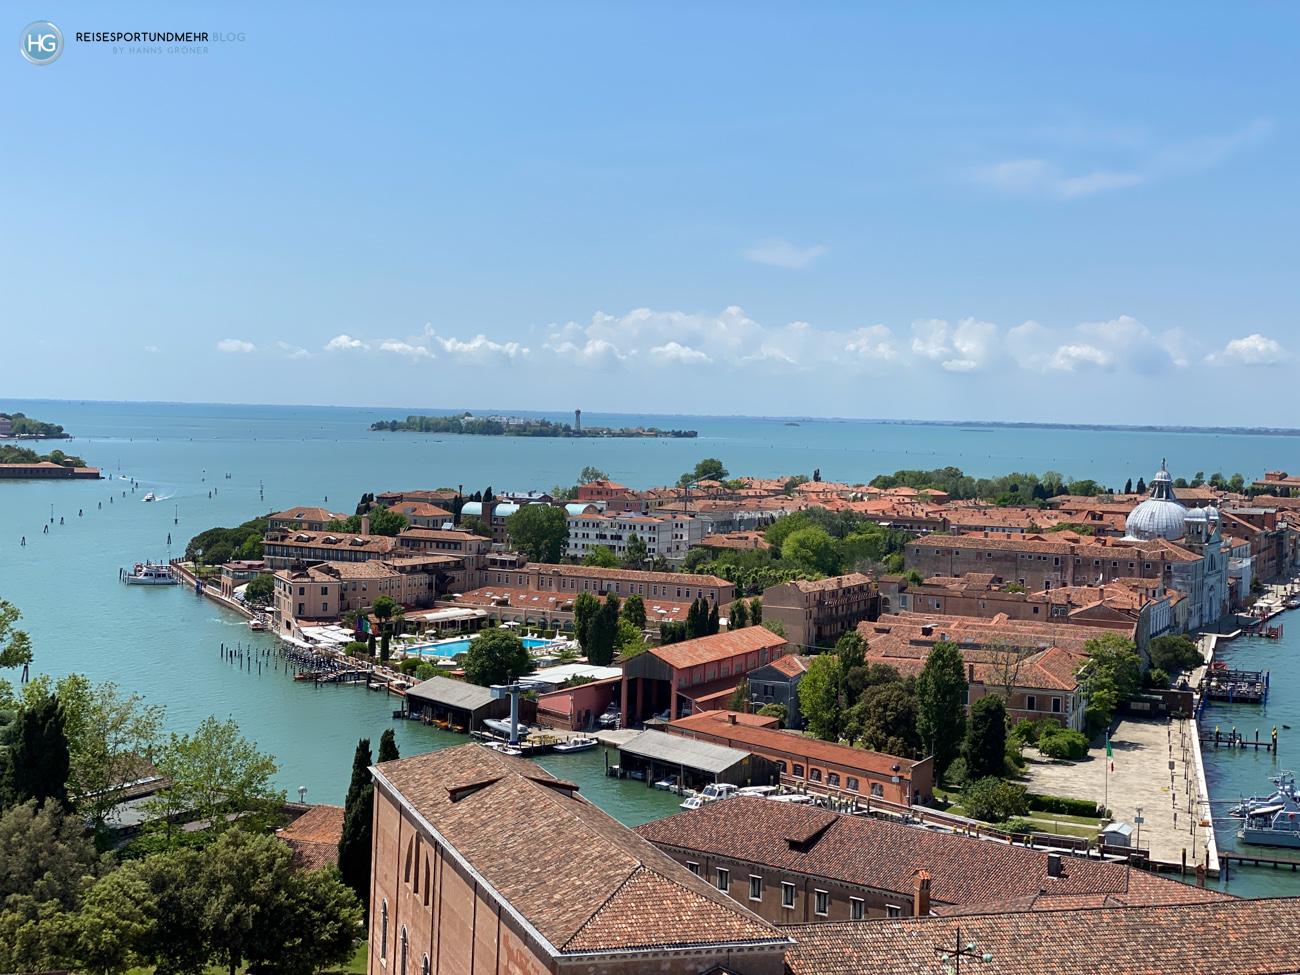 Venedig Pfingsten 2021 - wunderbare Aussicht vom Glockenturm San Giorgio Richtung Giudecca und das Hotel Cipriani (Foto: Hanns Gröner)